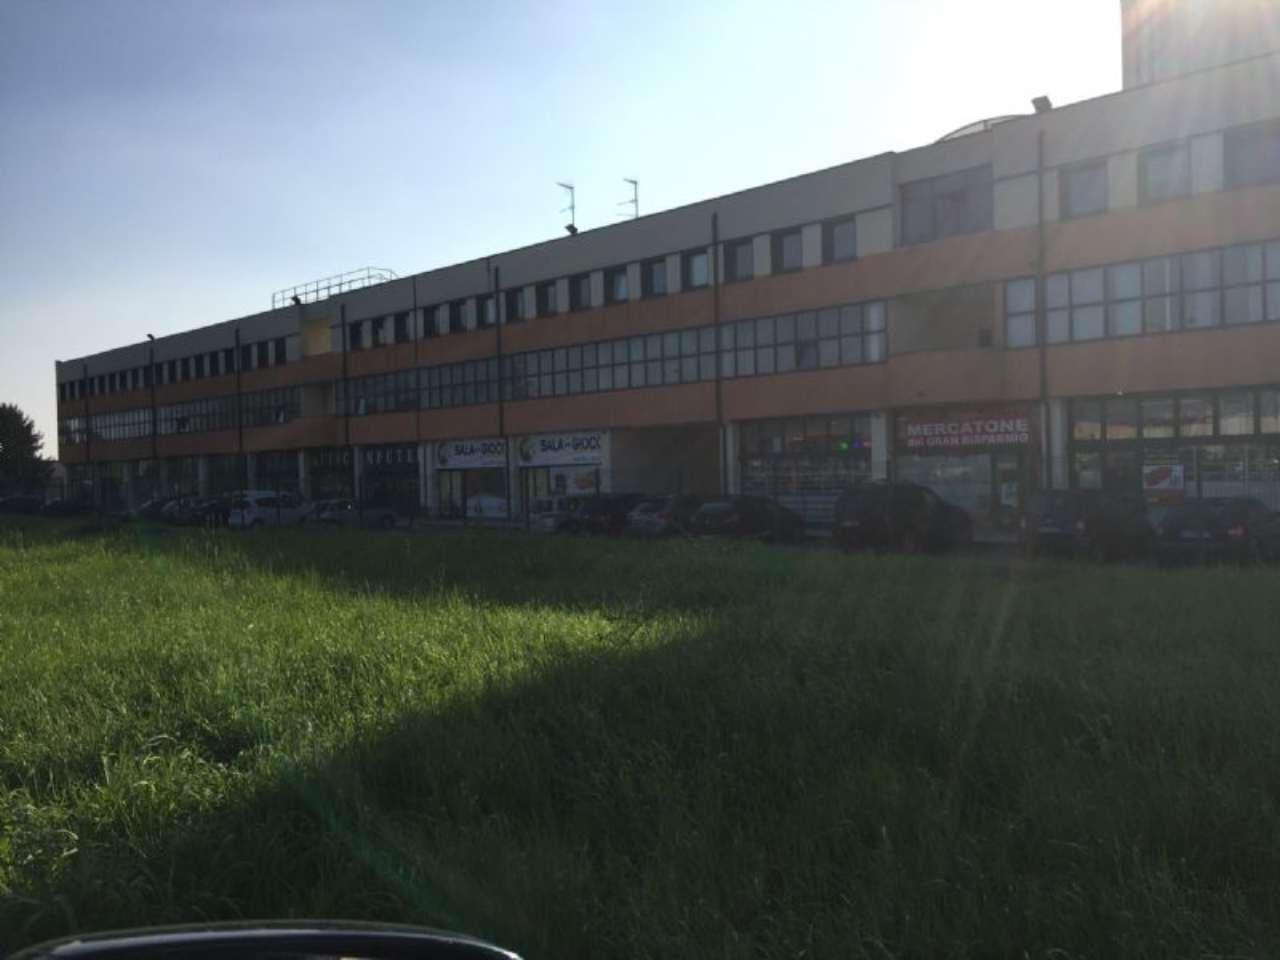 Ufficio / Studio in affitto a Magenta, 5 locali, prezzo € 1.250   CambioCasa.it